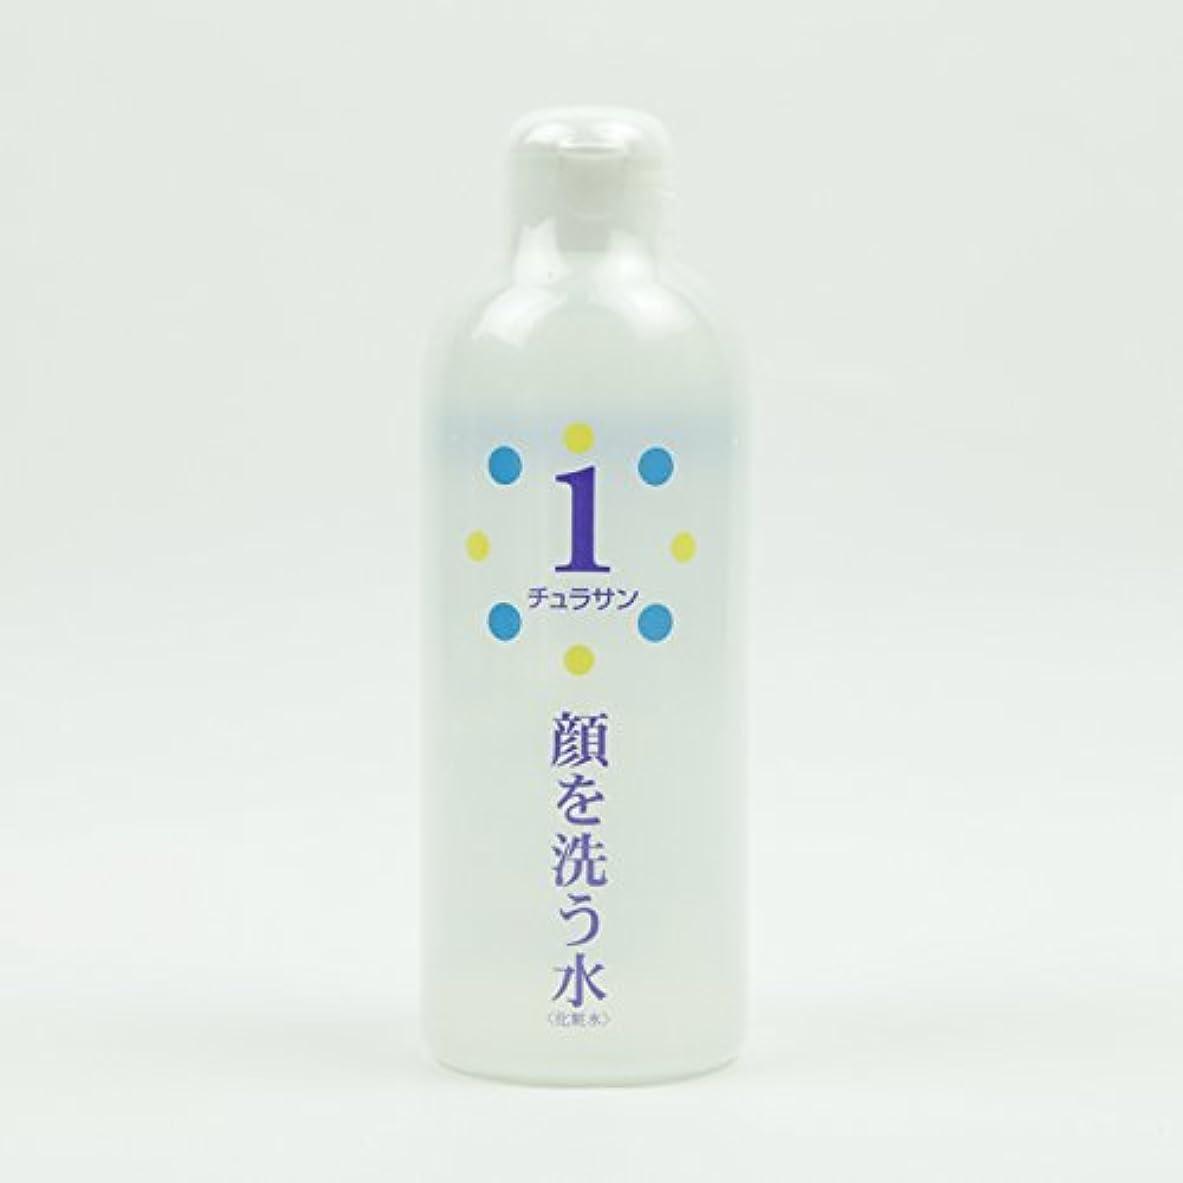 シャッフル従来の主張するチュラサン1 【顔を洗う水】 250ml